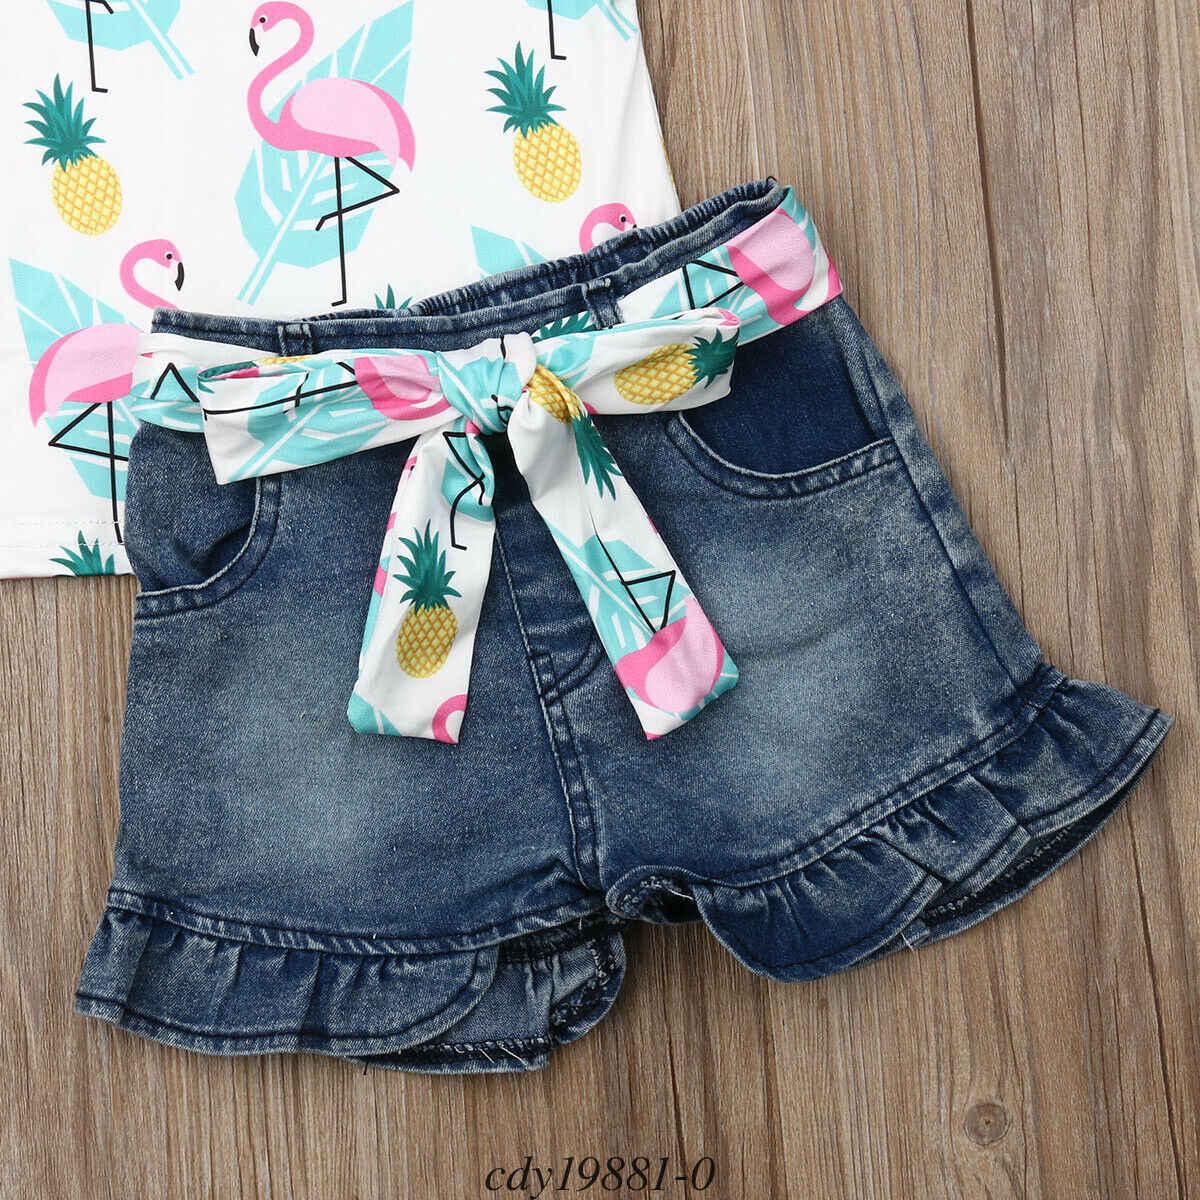 Niños pequeños, niñas bebés, camisetas sin mangas con volantes de dibujos animados, camiseta, pantalones vaqueros, pantalones cortos, conjuntos de ropa